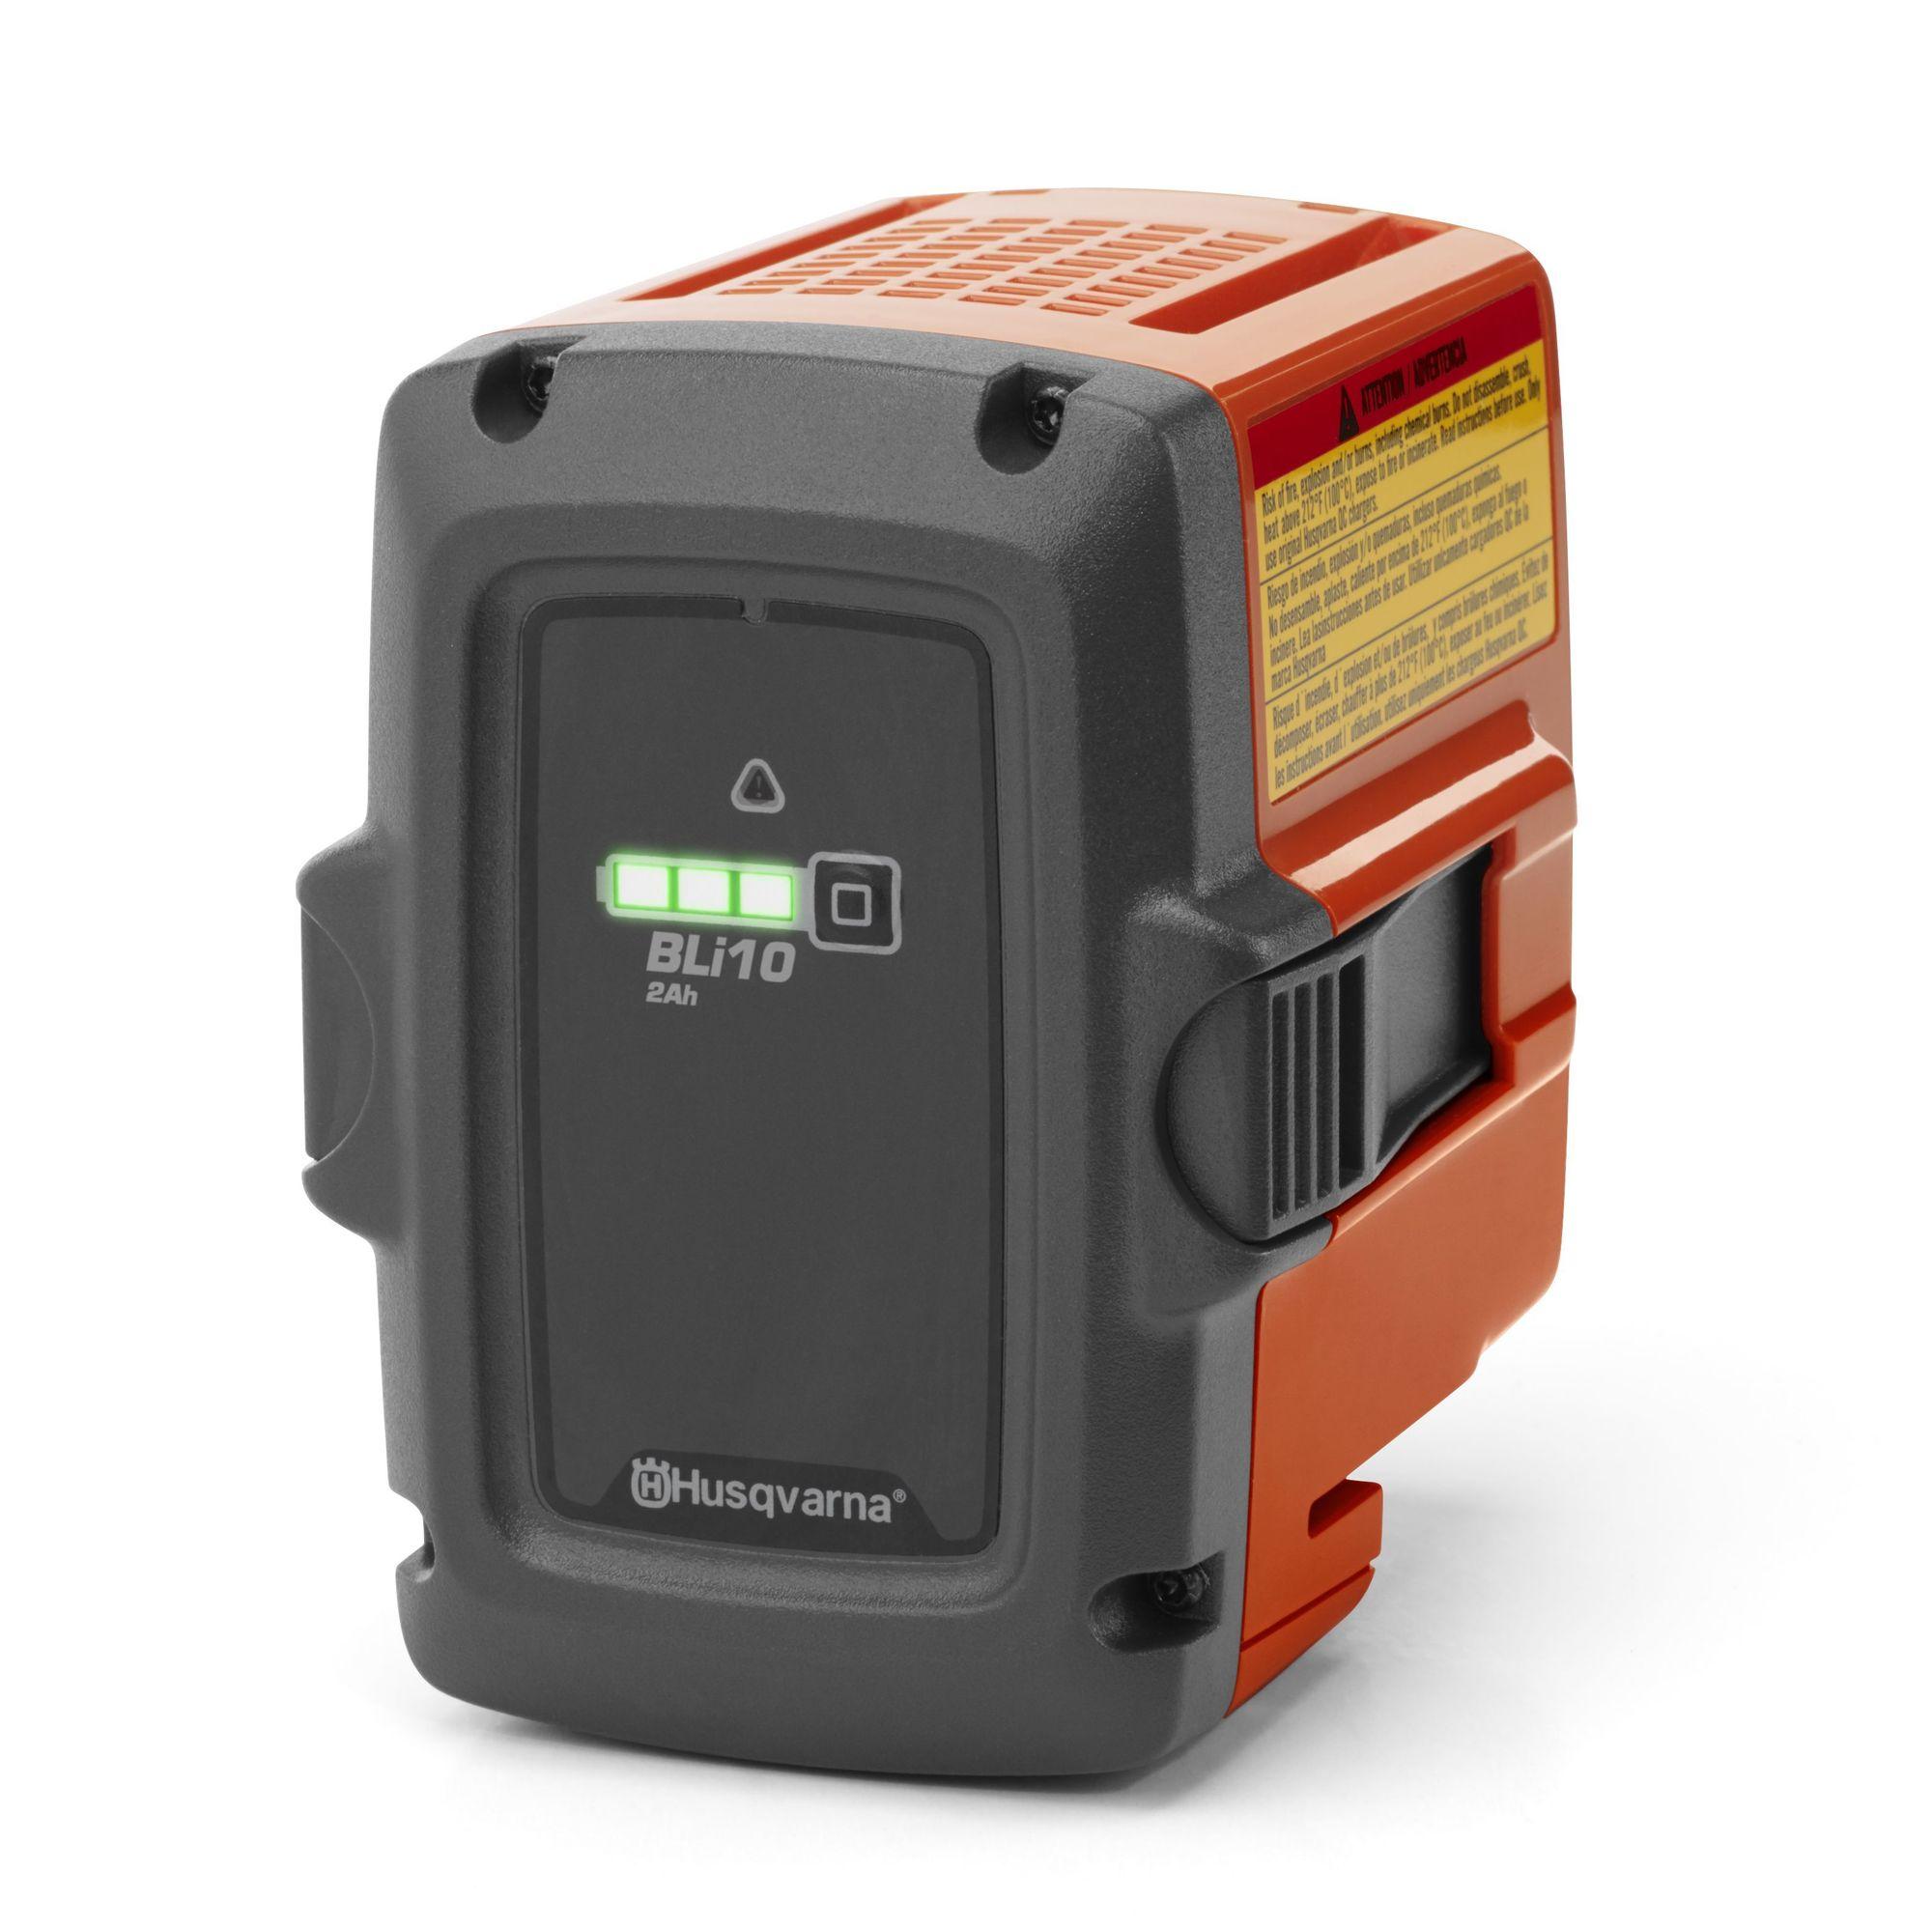 Batterie Husqvarna - BLi 10